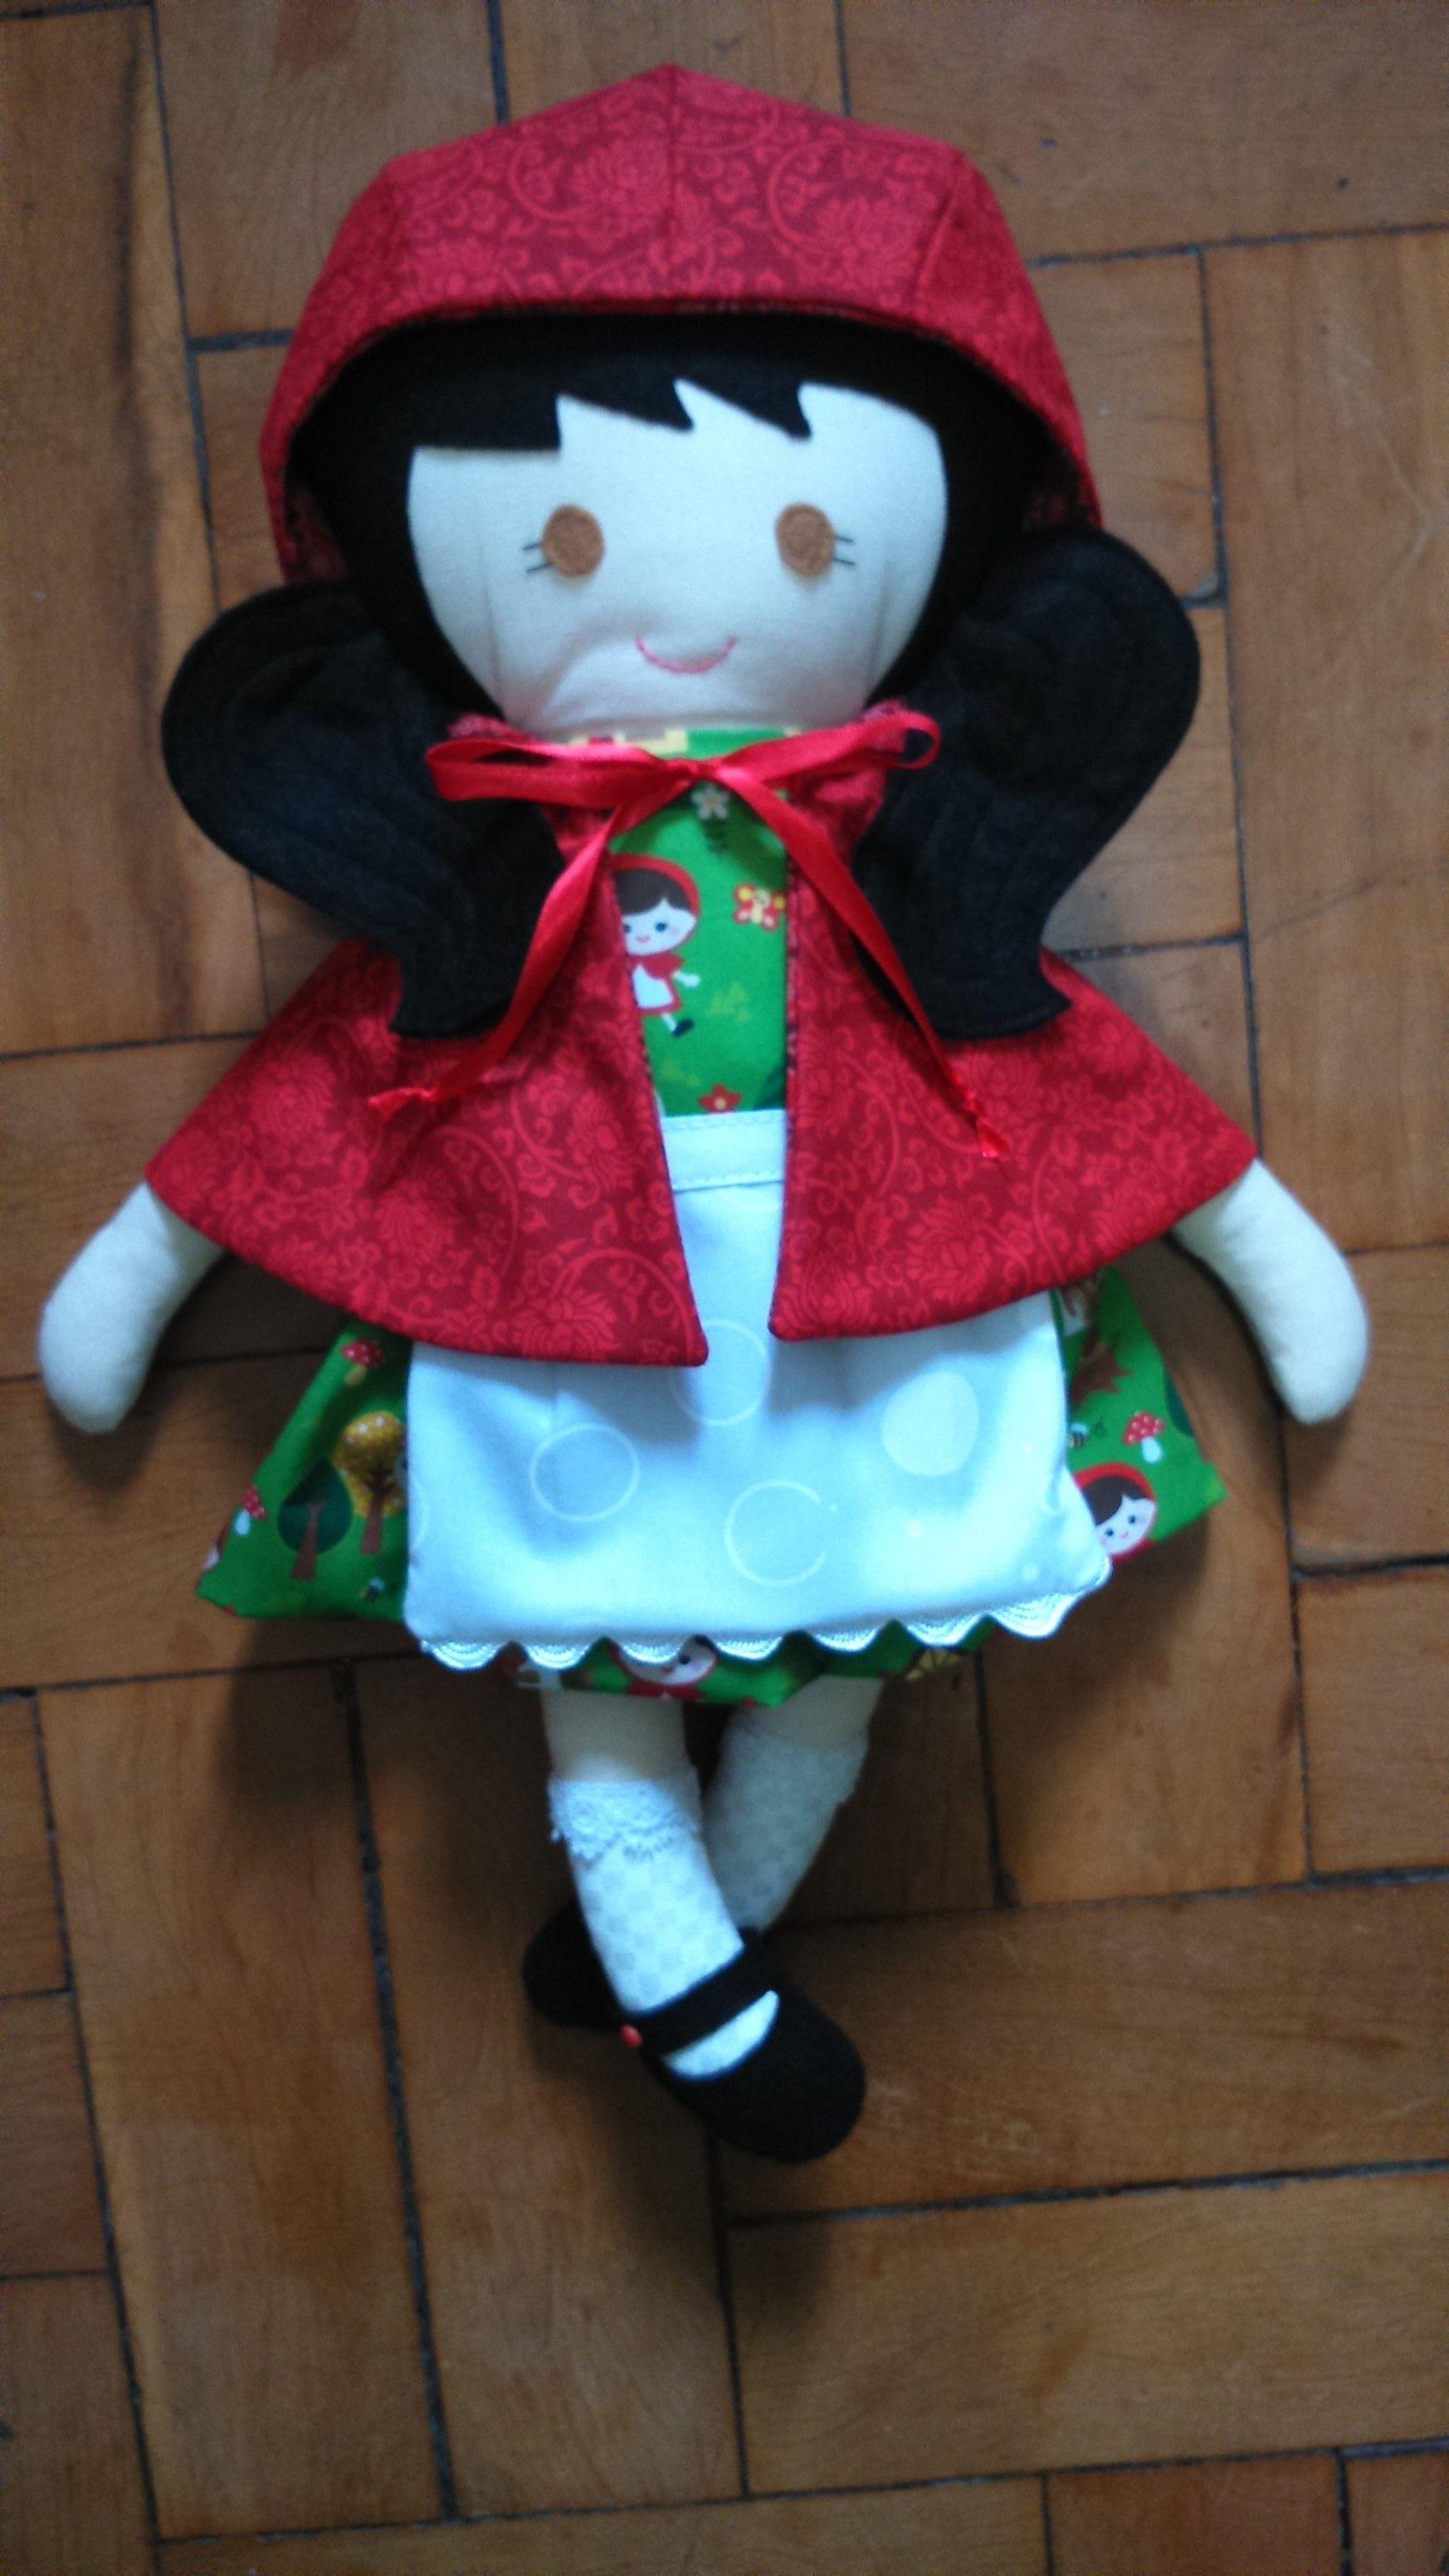 Chapeuzinho Vermelho - Fabric Rag Doll